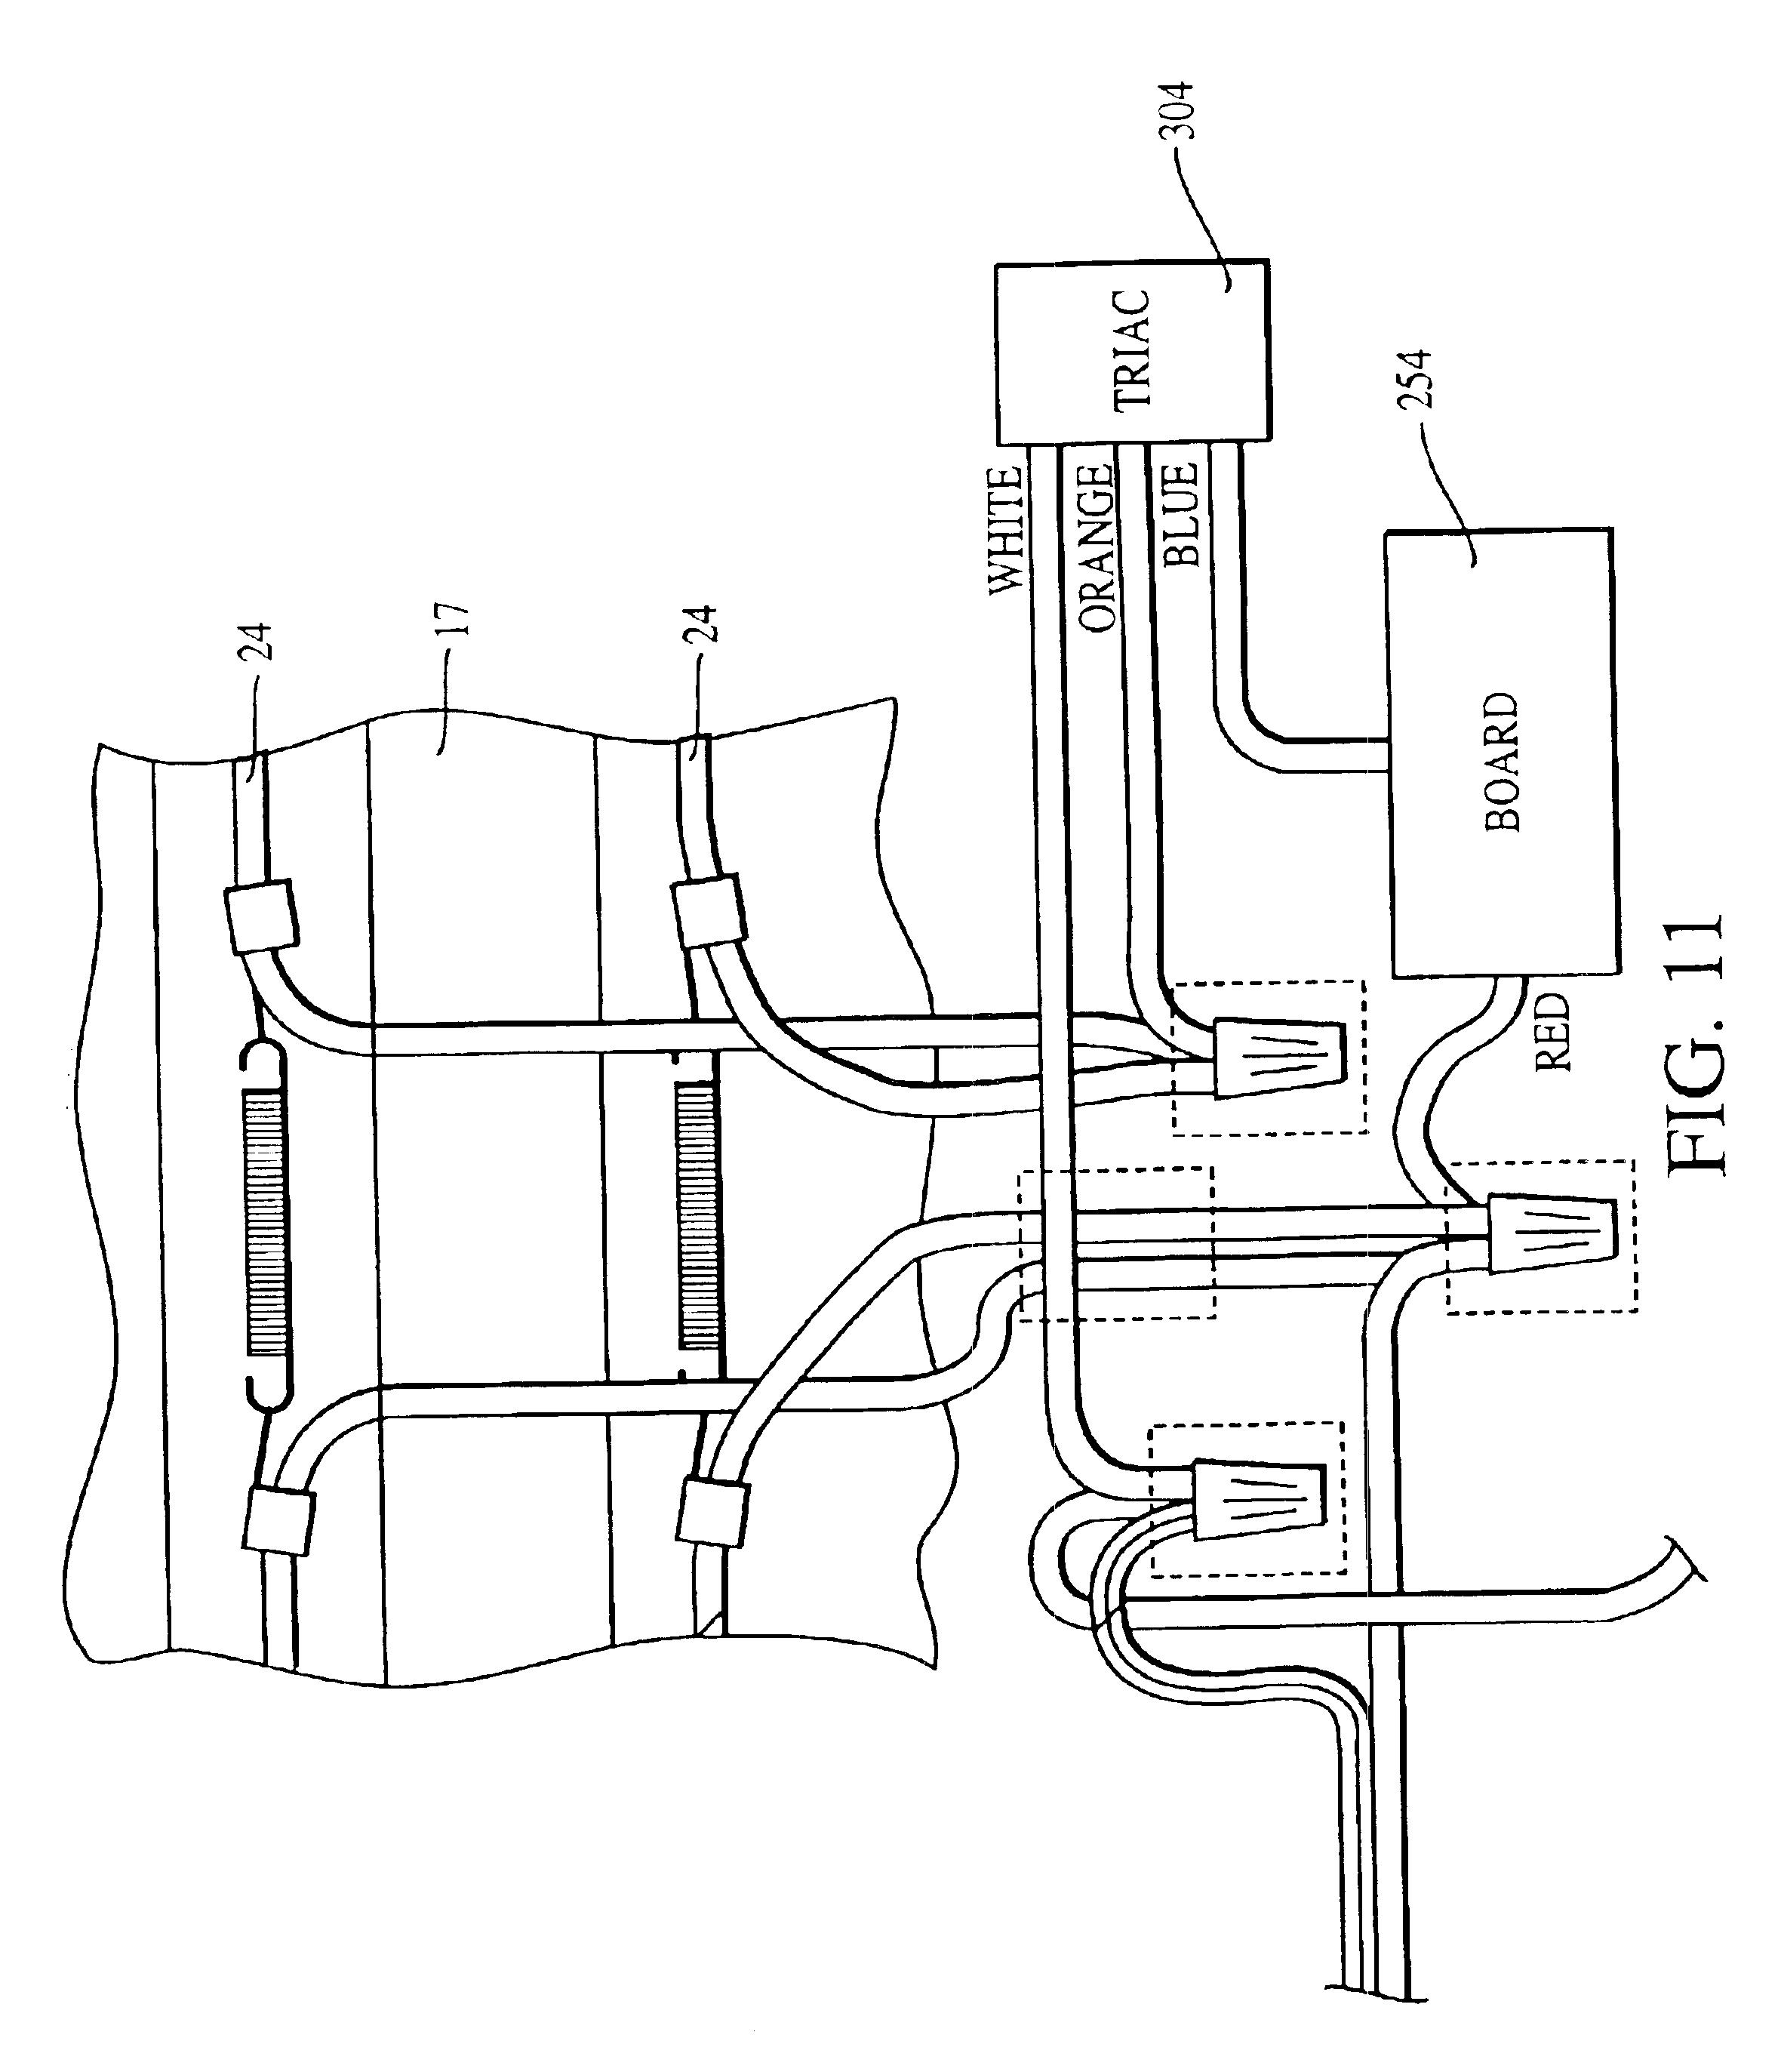 Patent Us6872921